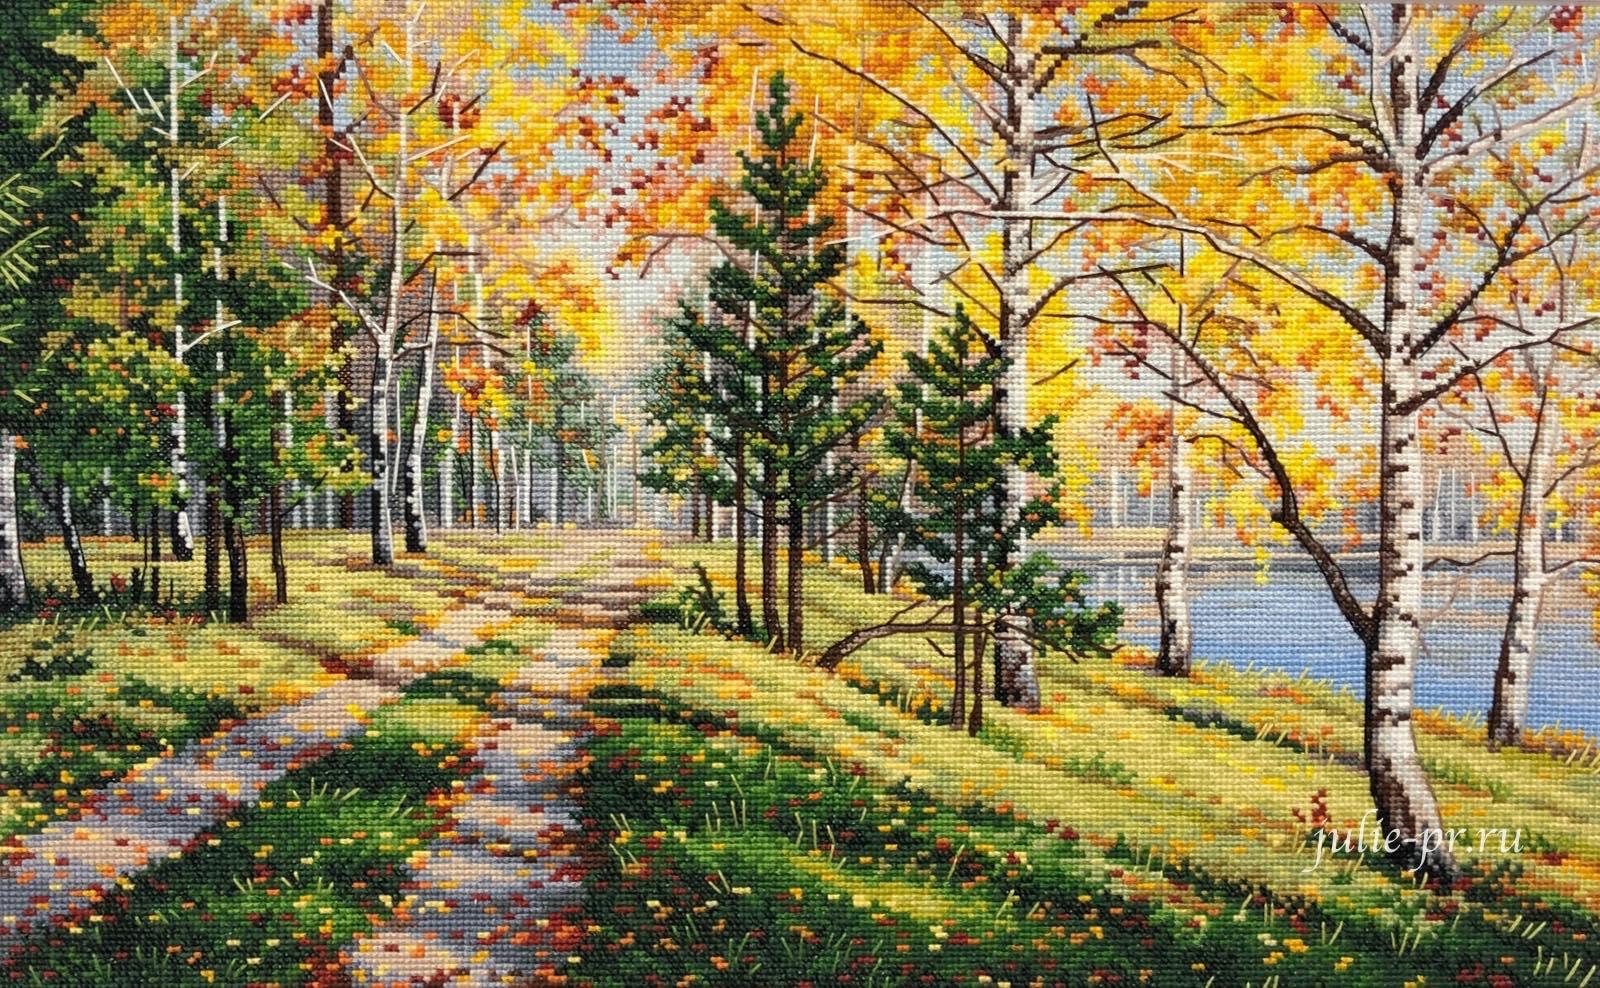 вышивка крестом, Овен, Осенняя пора, осень, выставка вышивки, Формула рукоделия весна 2021